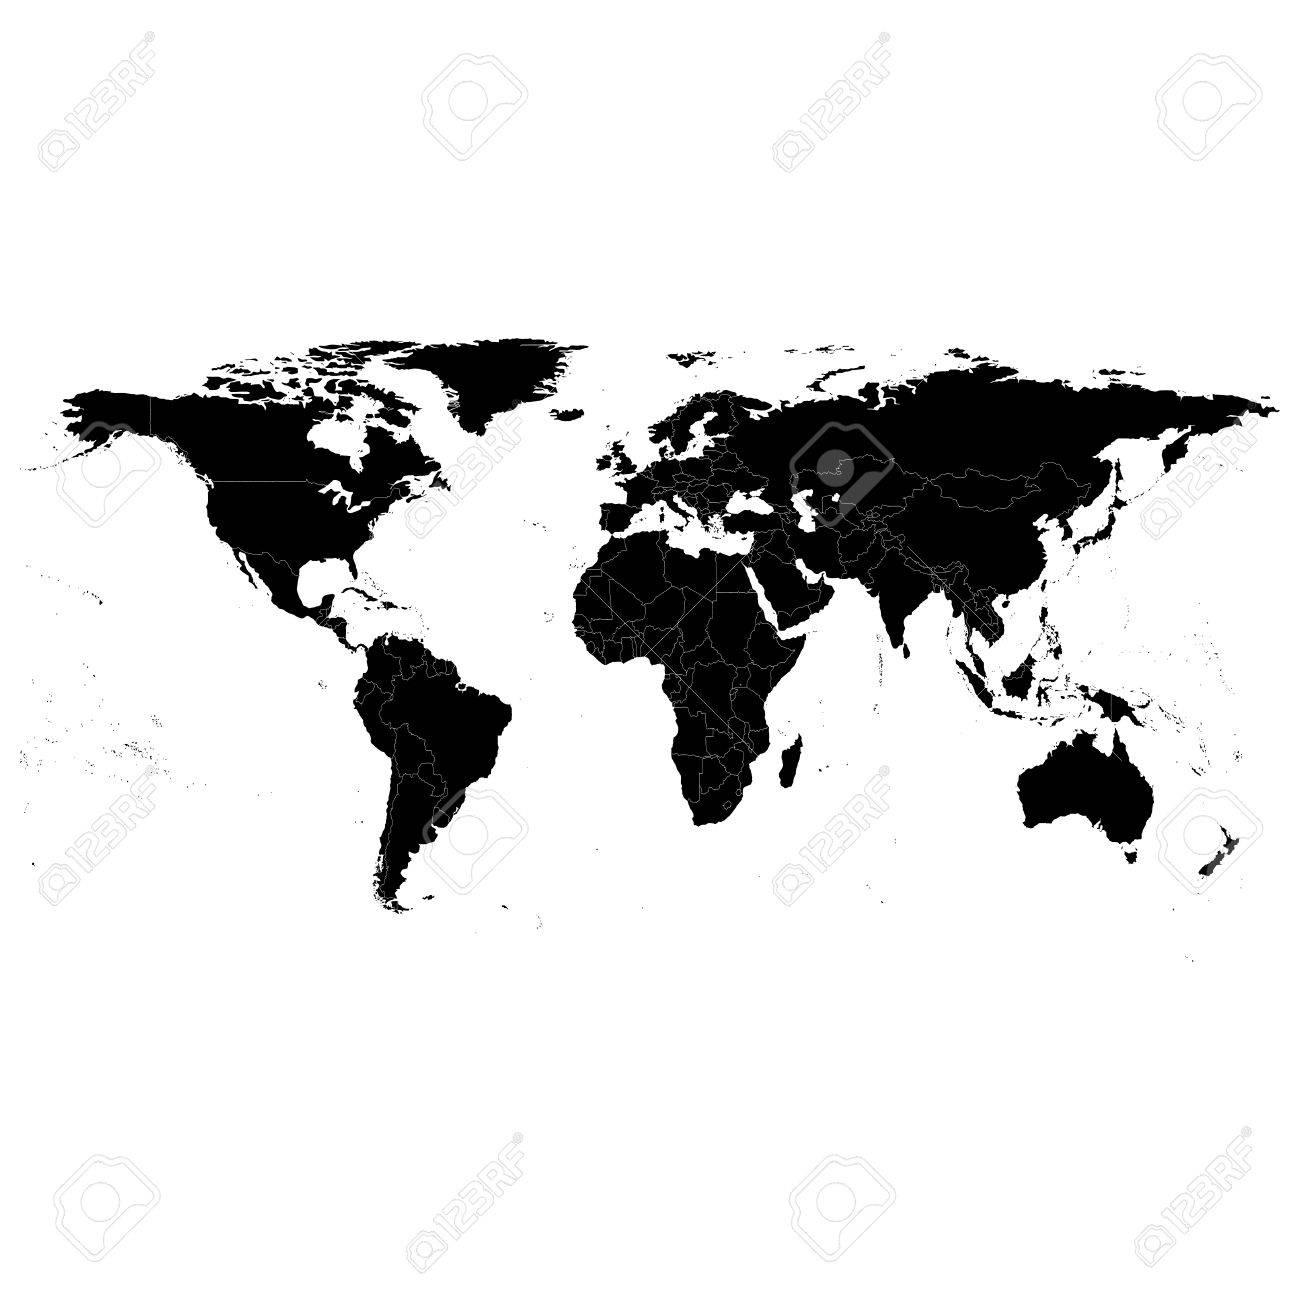 Black political world map light design vector illustration royalty black political world map light design vector illustration stock vector 27847758 gumiabroncs Images